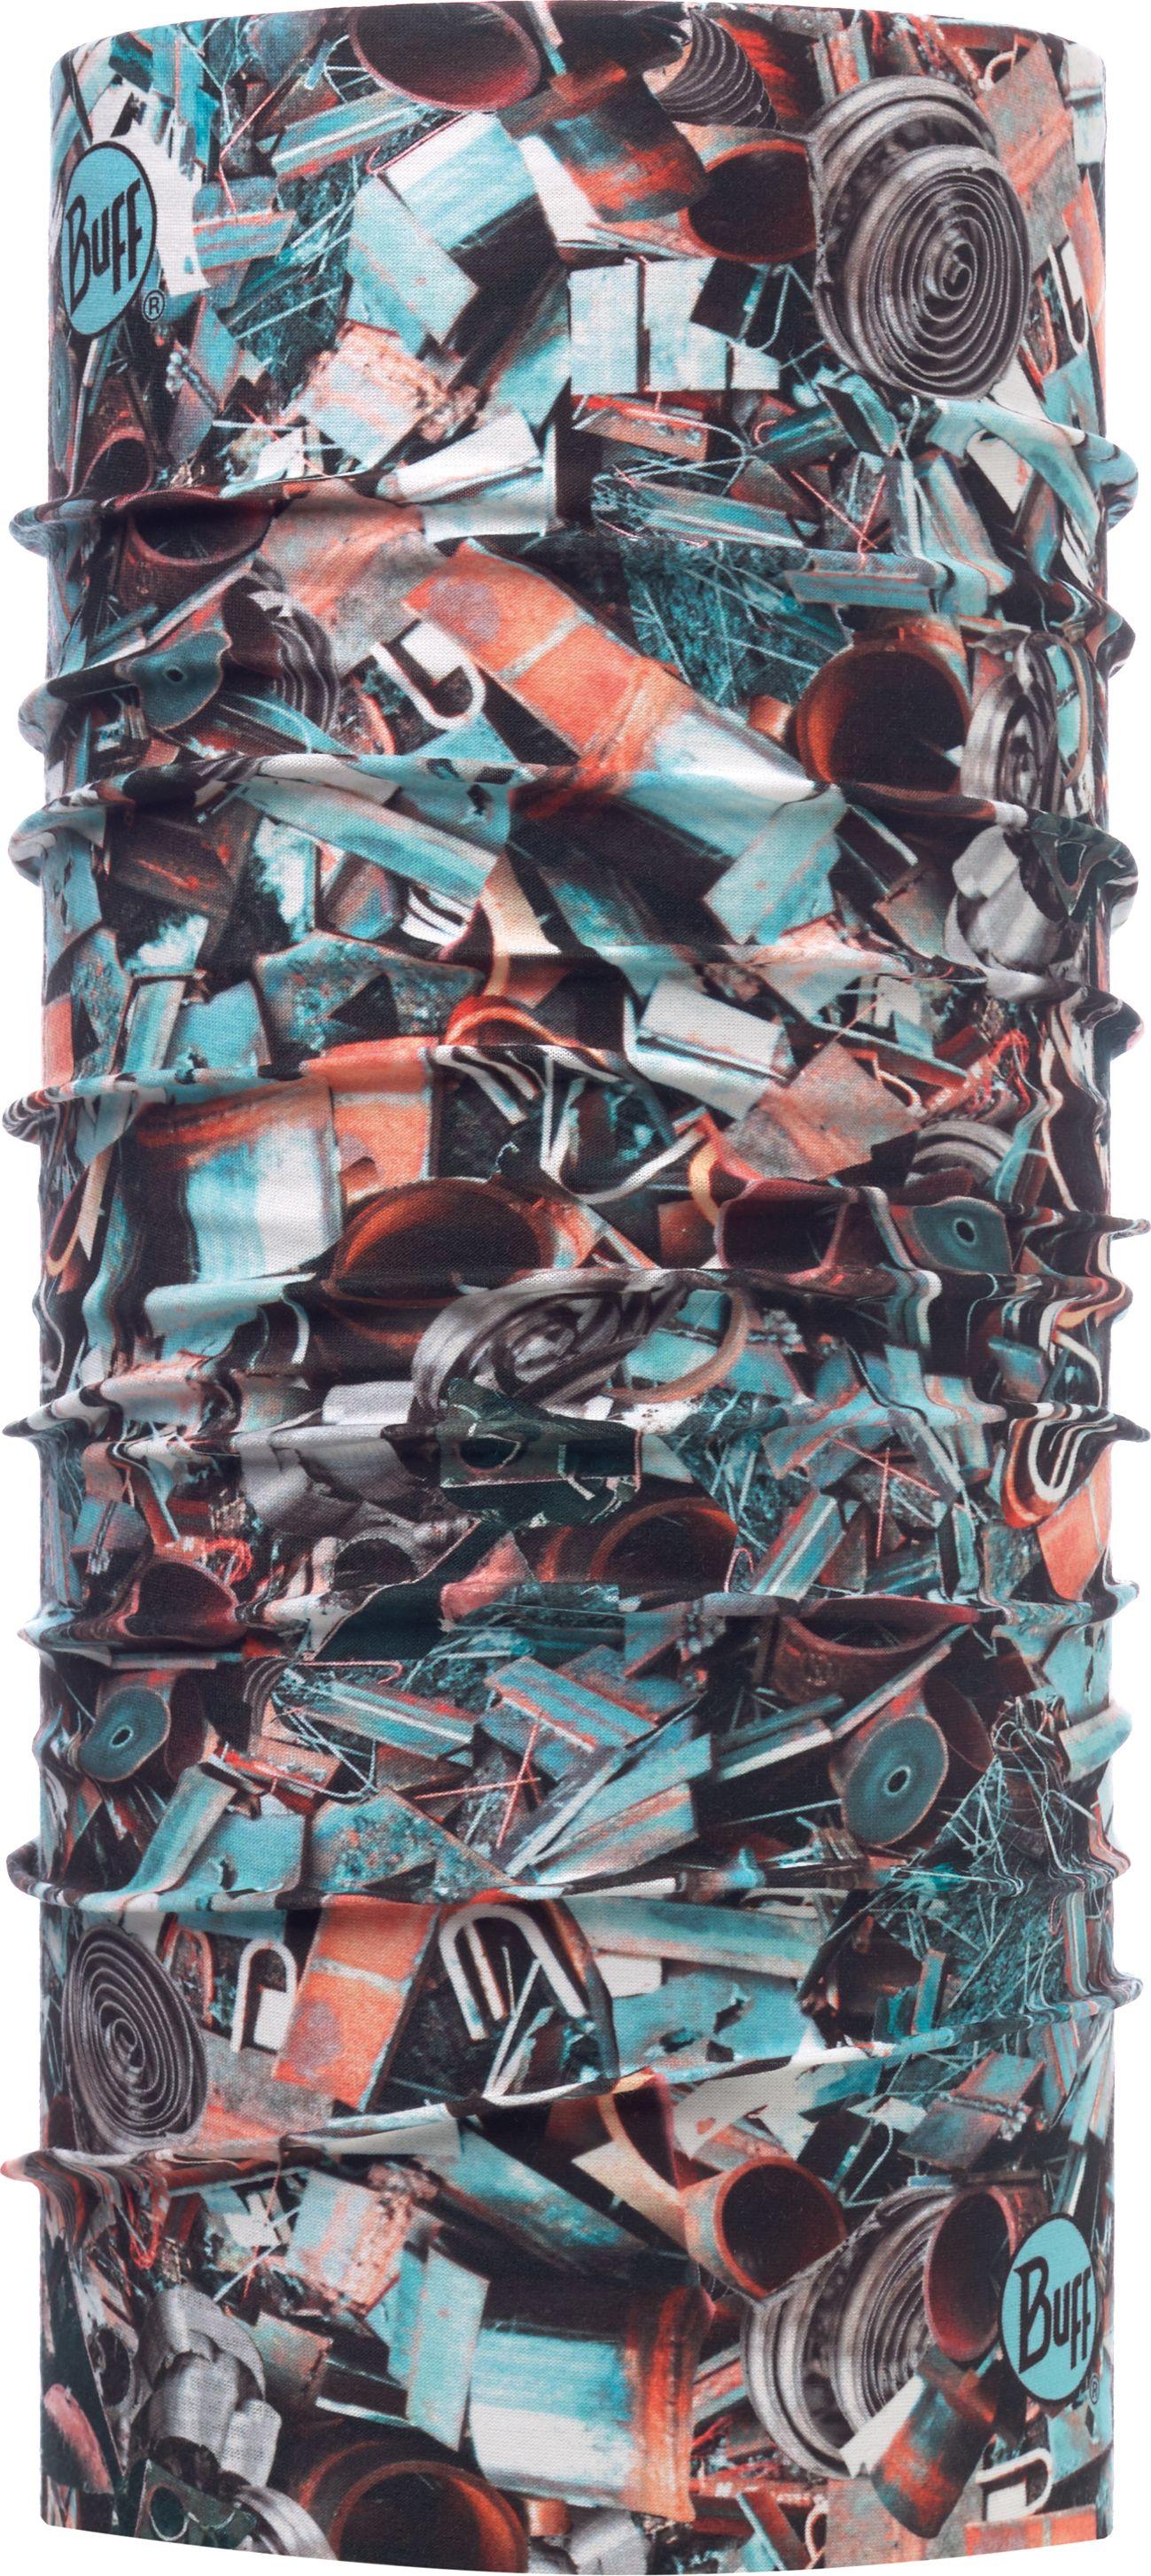 Купить Бандана Buff UV Protection Wasting Multi, цвет: разноцветный. 117032.555.10.00. Размер универсальный